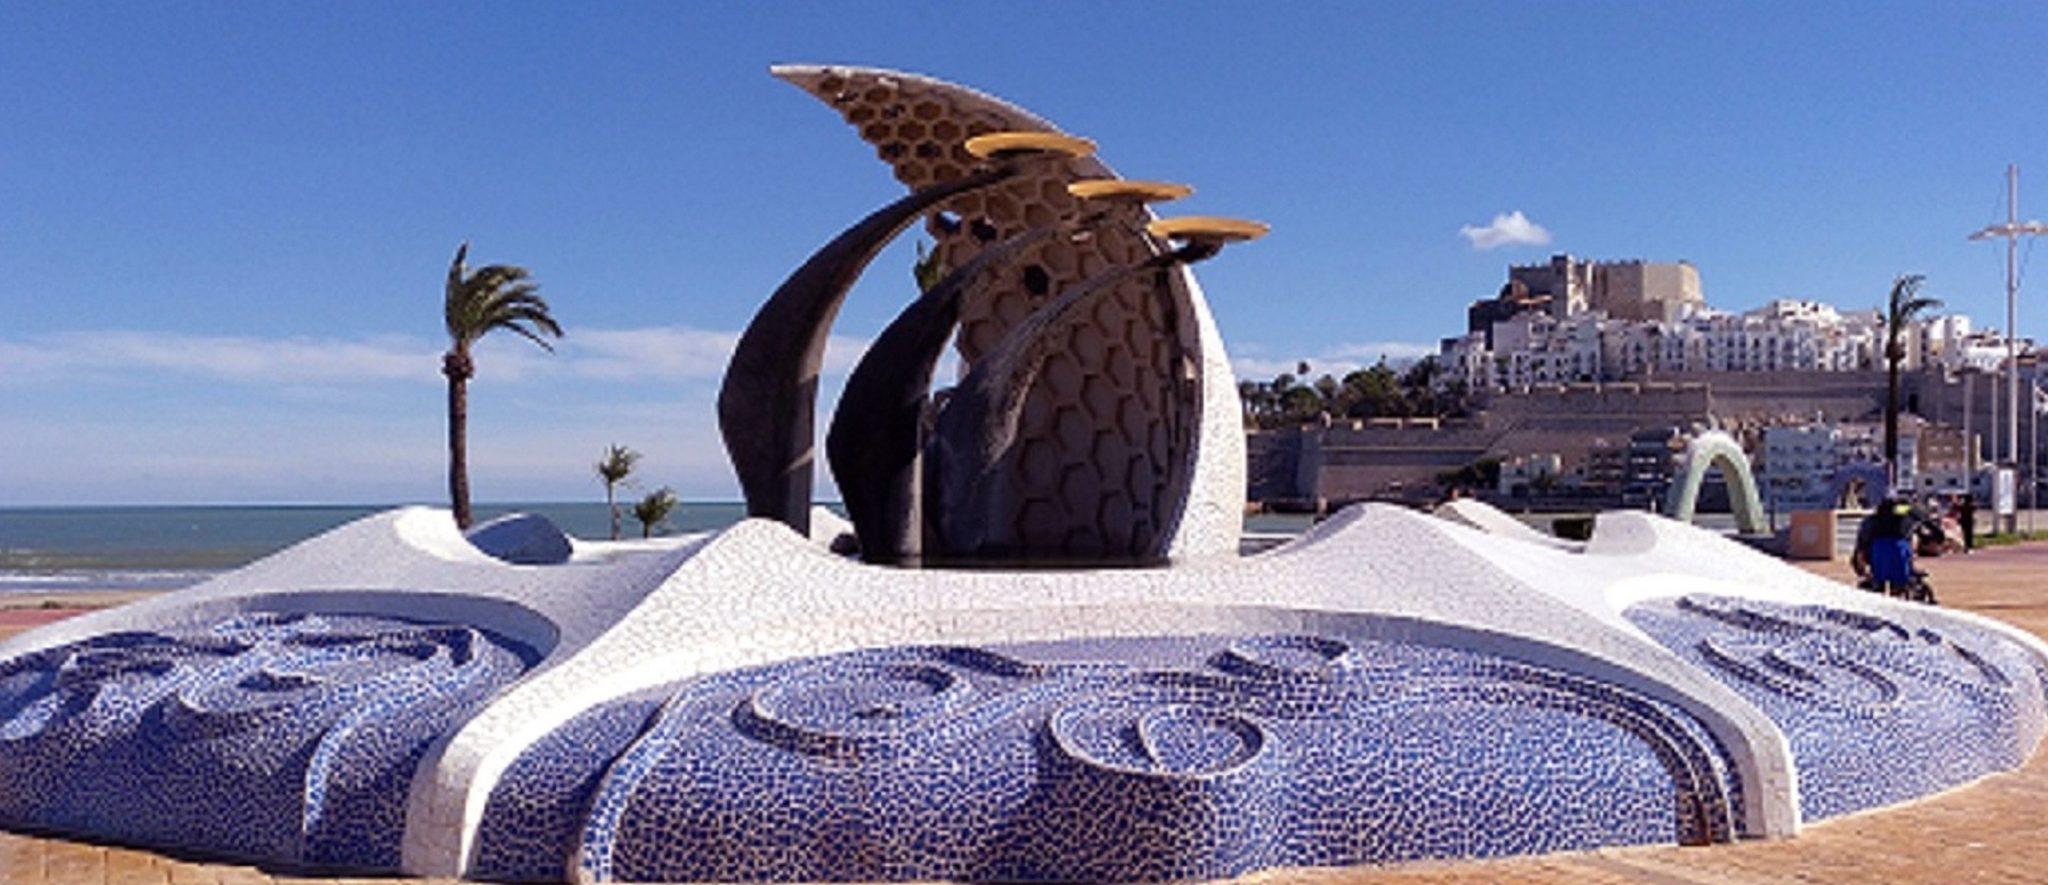 Los animales marinos llegan a Peñiscola…